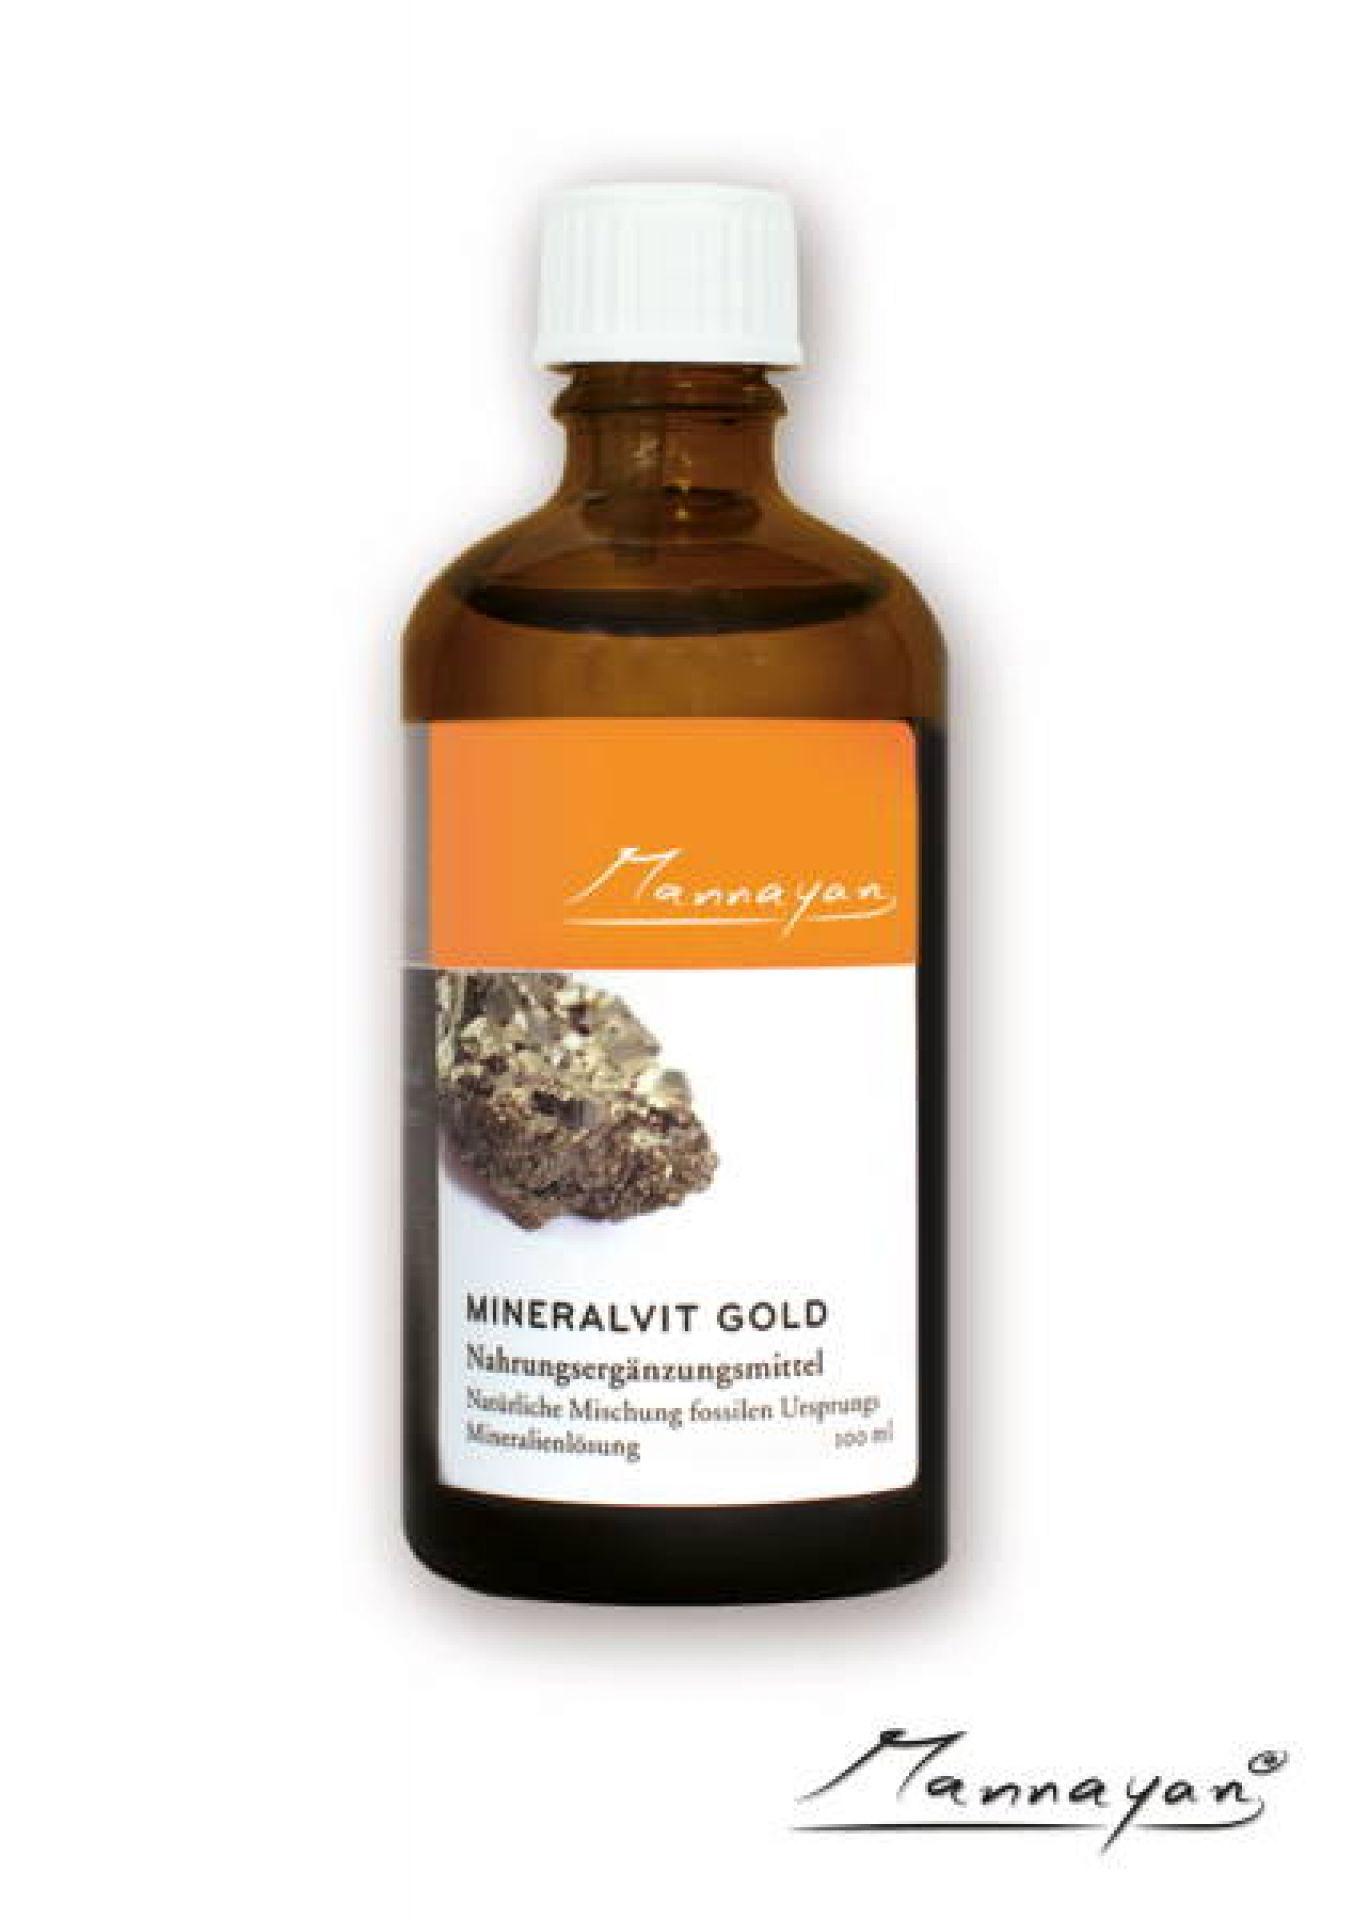 Mineralvit-GOLD 100 ml von Mannayan